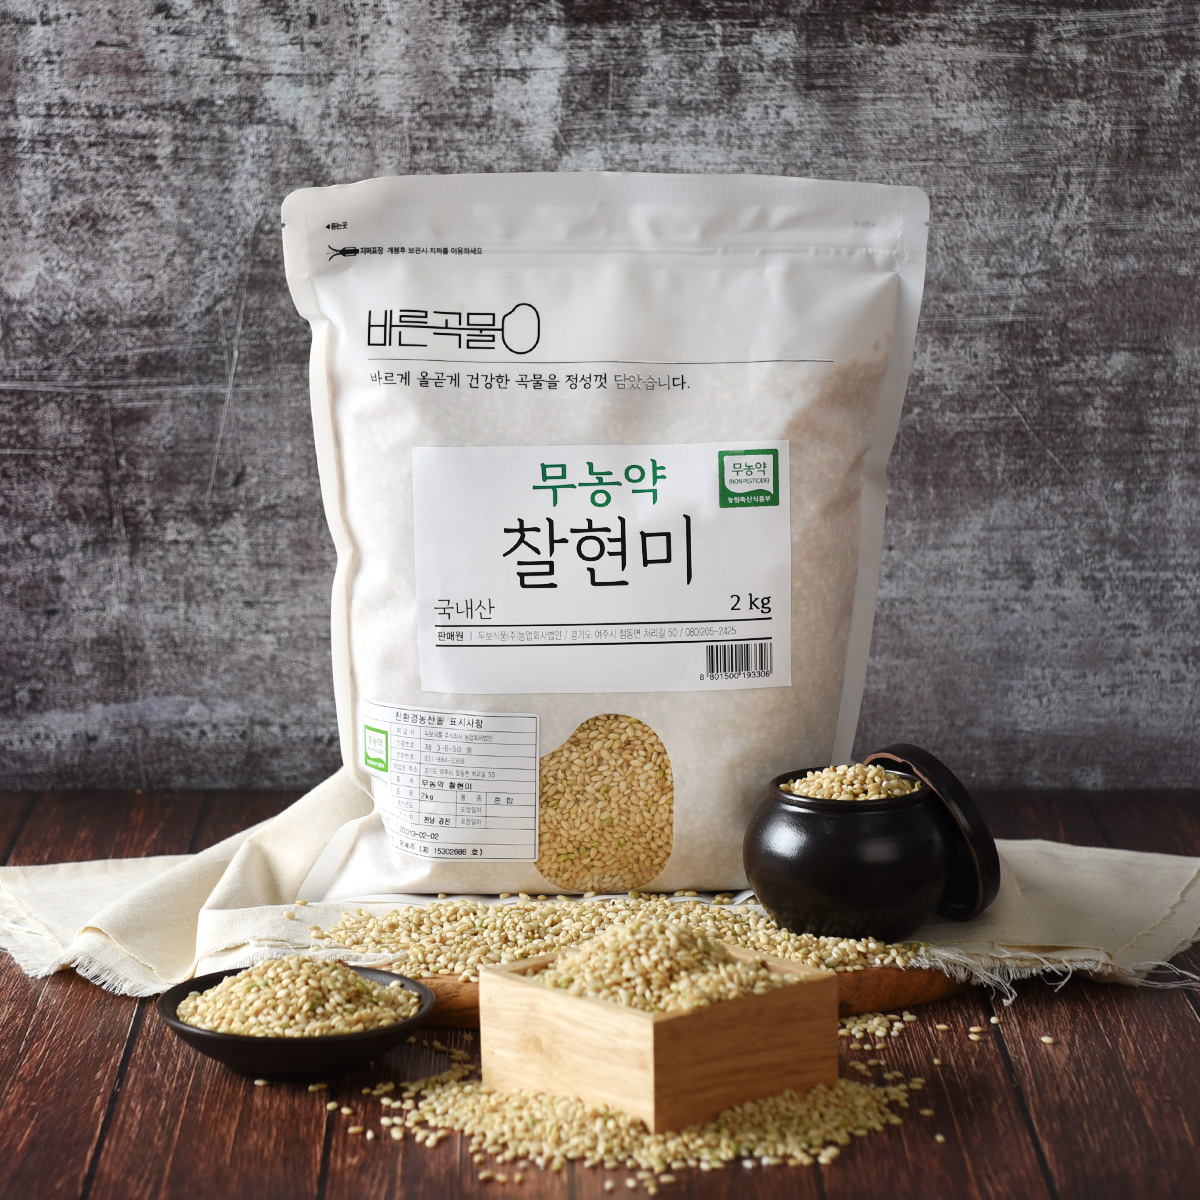 바른곡물 무농약 찰현미, 2kg, 1개